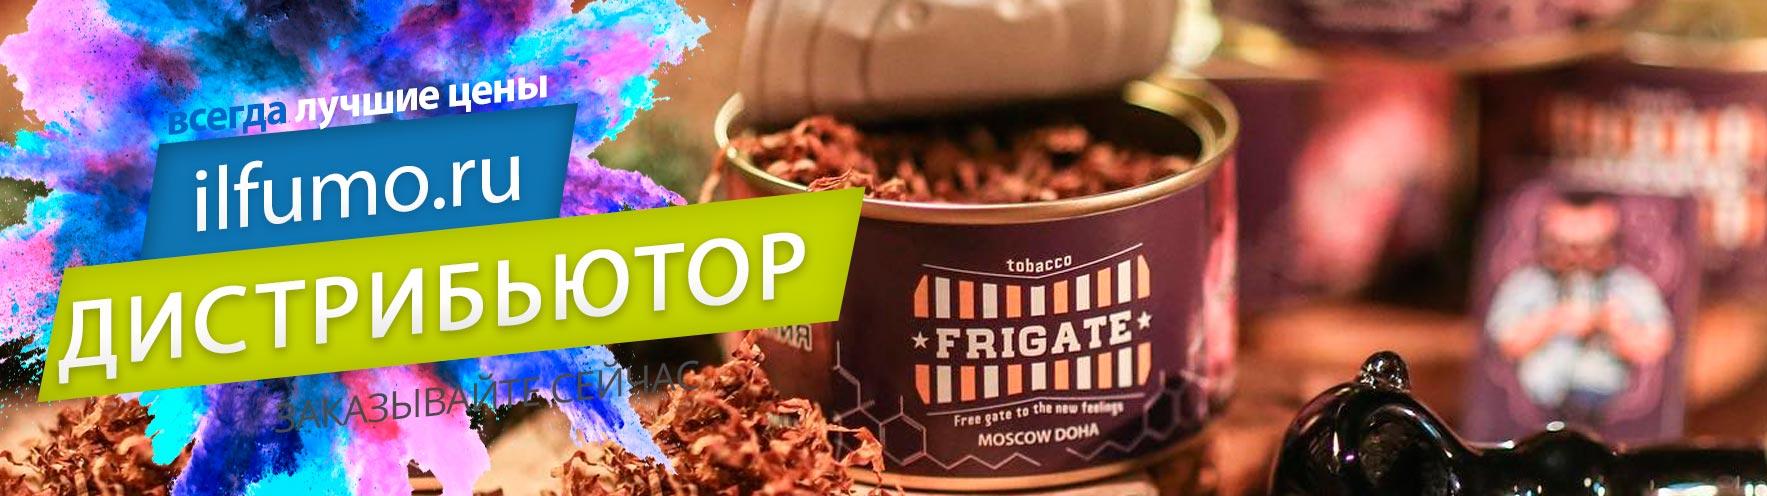 Табак для кальяна Frigate оптом в ilfumo